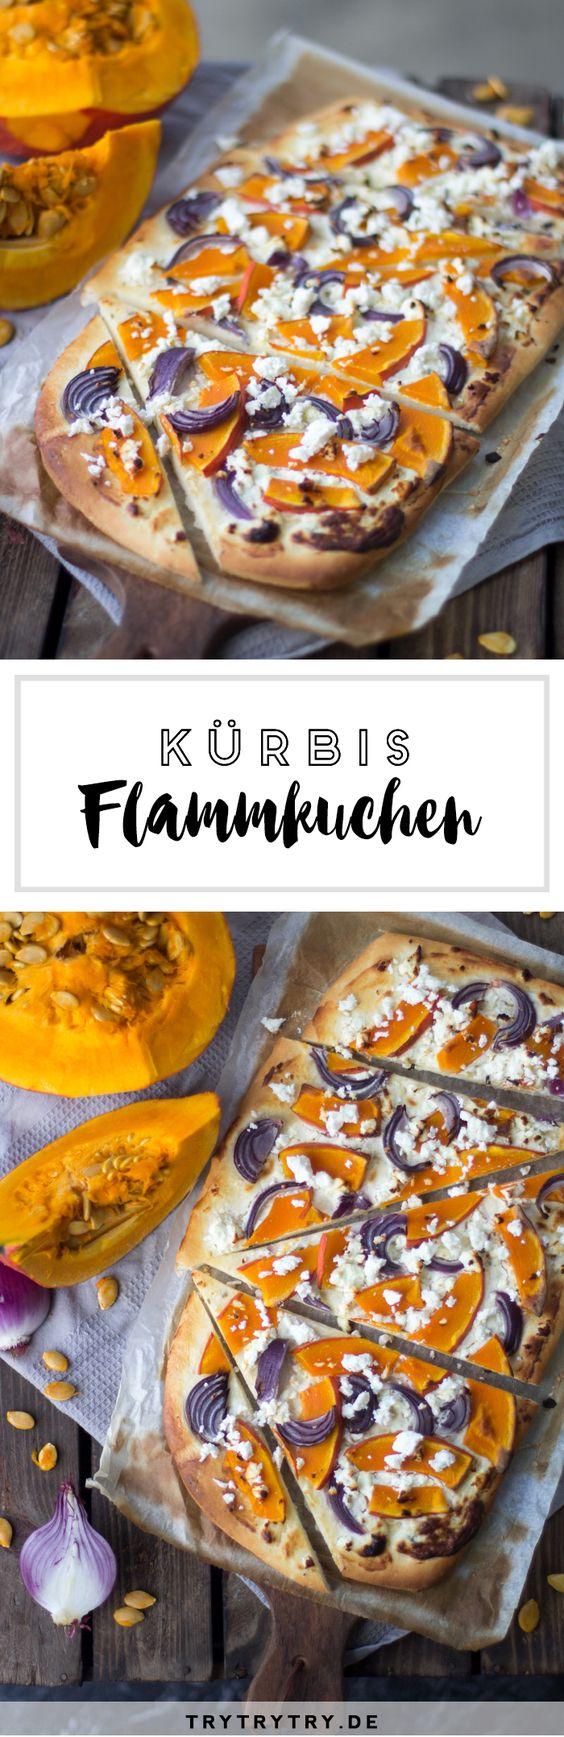 Rezept für Kürbis-Flammkuchen mit Feta und Zwiebeln. Soulfood für den Herbst!